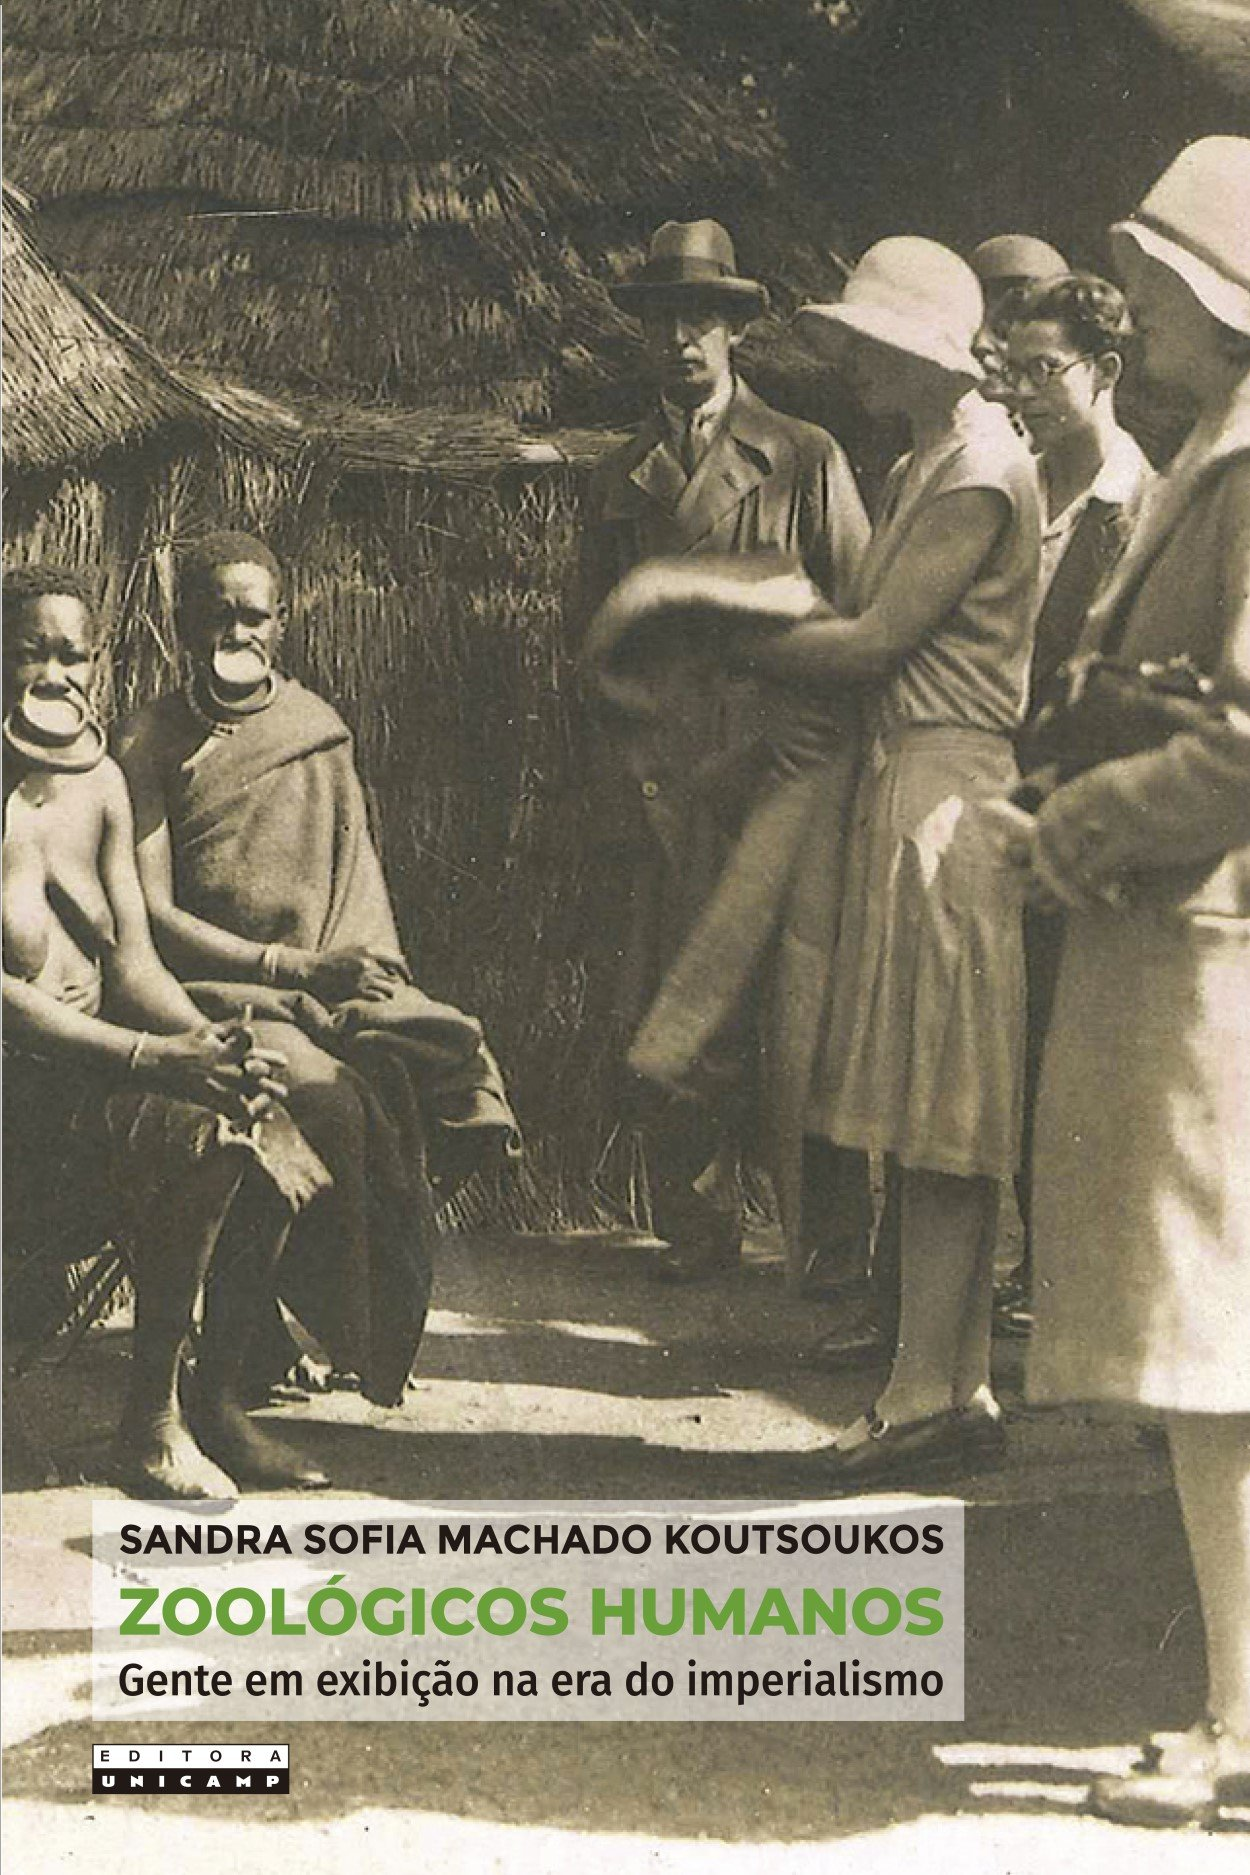 Zoológicos humanos. Gente em exibição na era do imperialismo, livro de Sandra Sofia Machado Koutsoukos